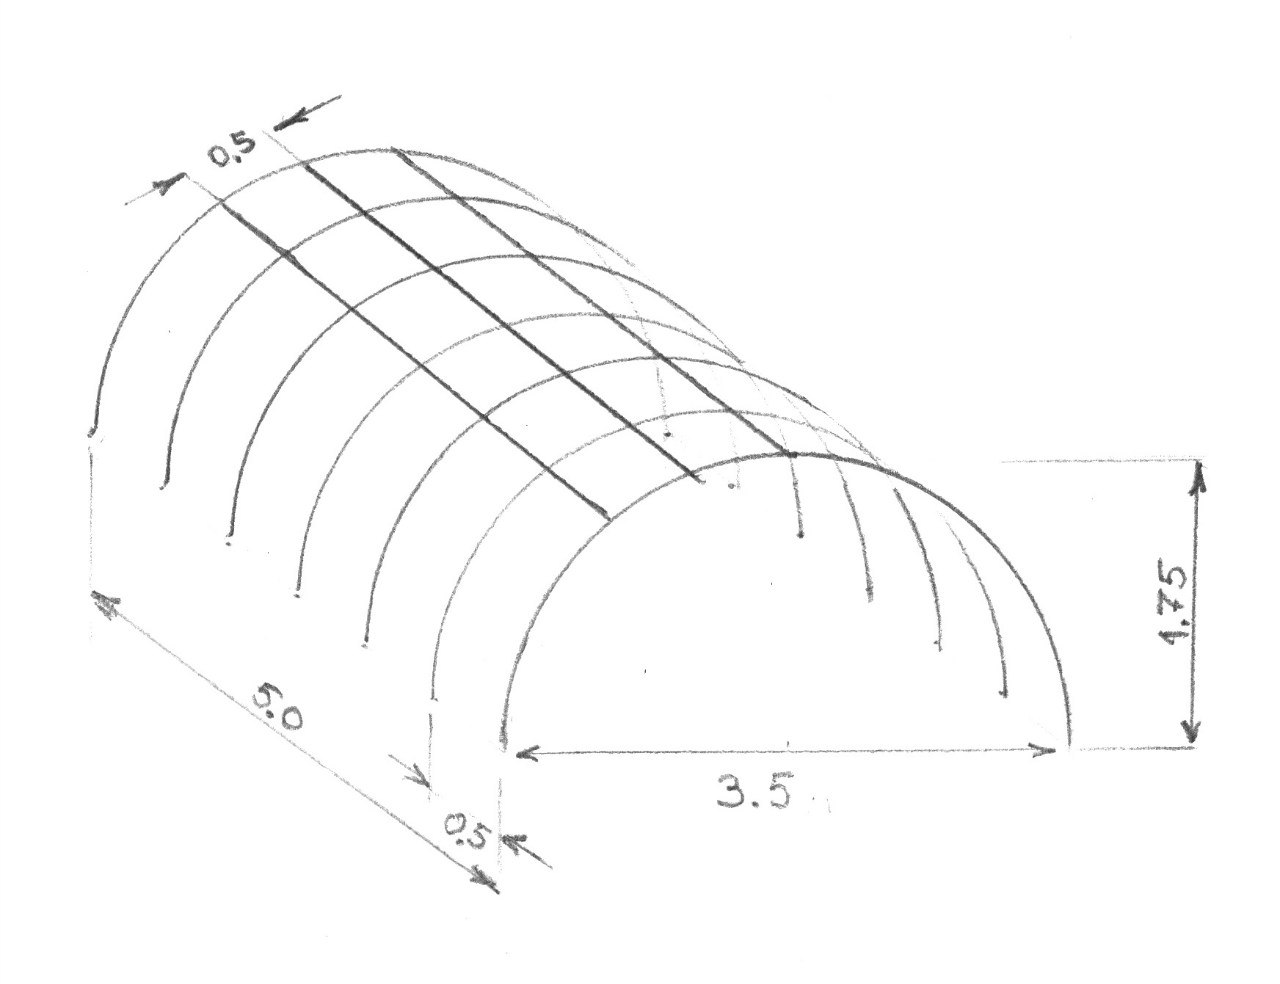 Примерная схема парника на металлических дугах